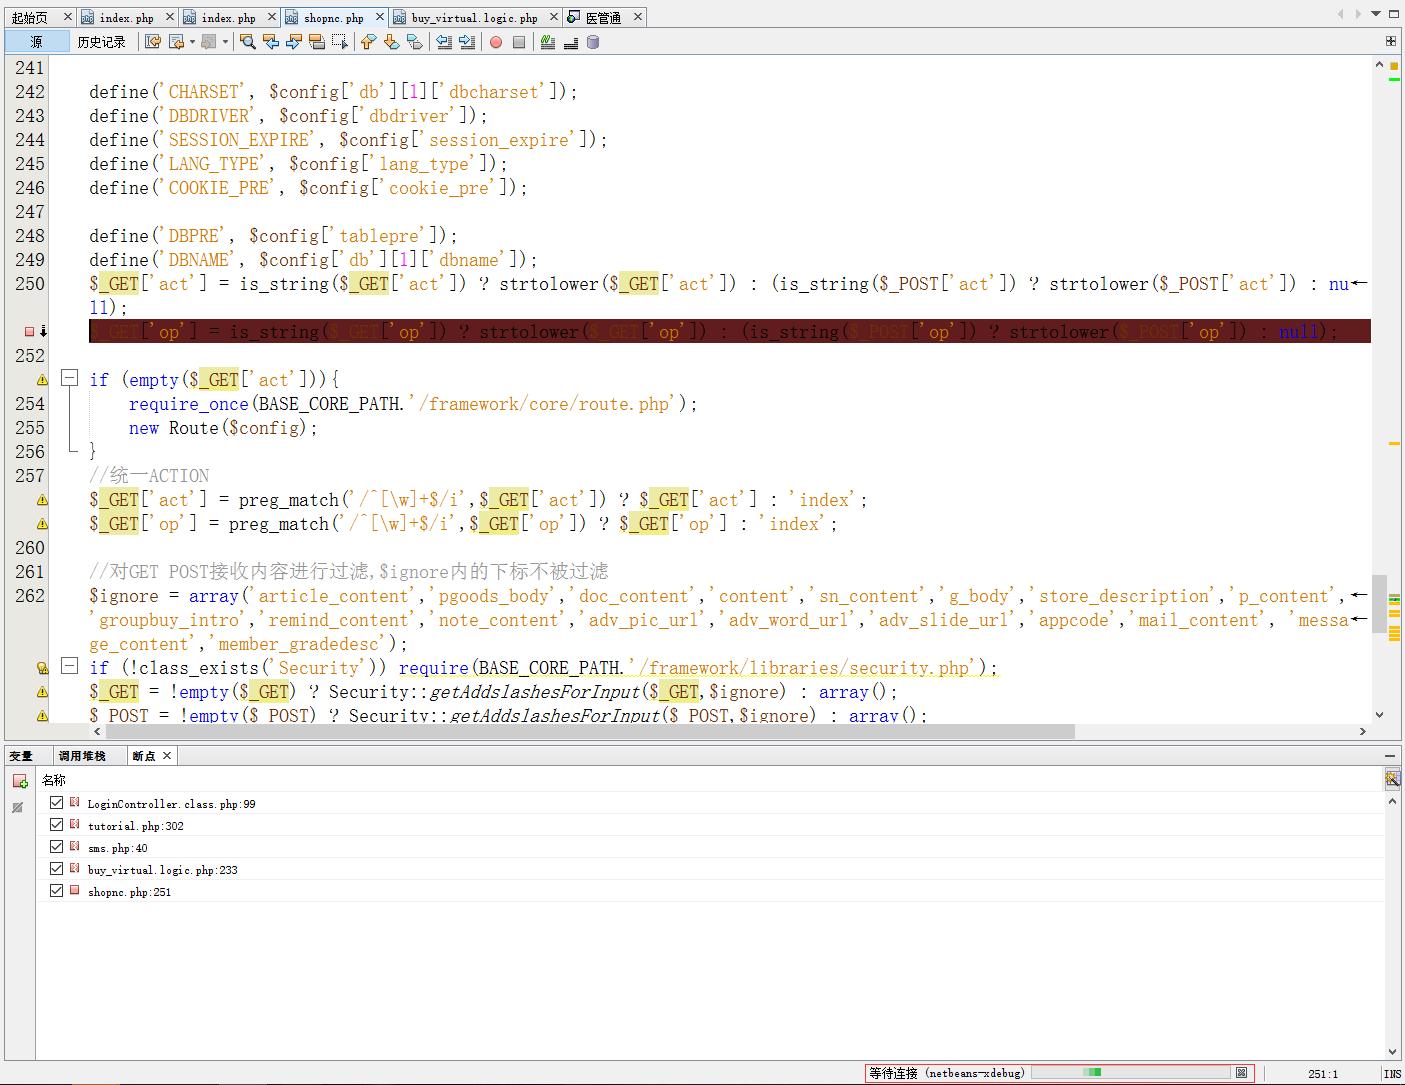 启动调试会话时,将在主编辑器窗口下打开一组调试器窗口。在调试器窗口中,一直提示等待连接(netbeans-xdebug)